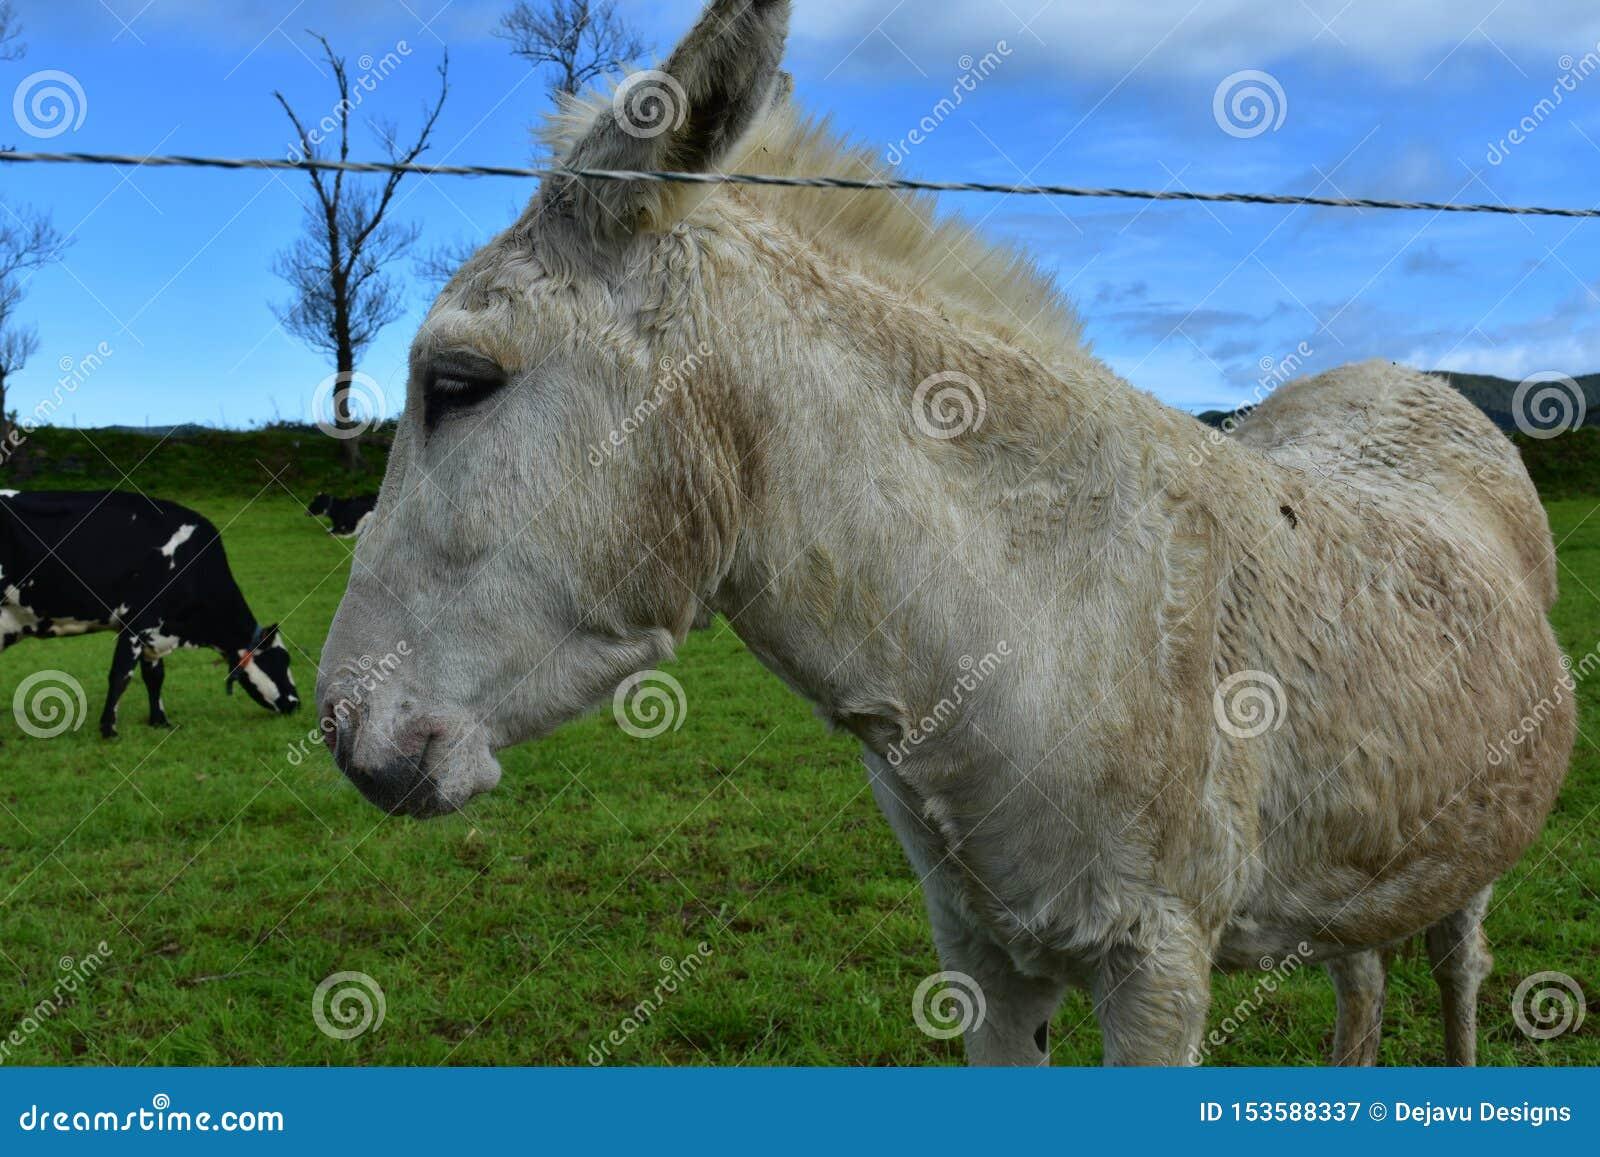 Mooie Witte Ezel die zich op een Grasgebied bevinden